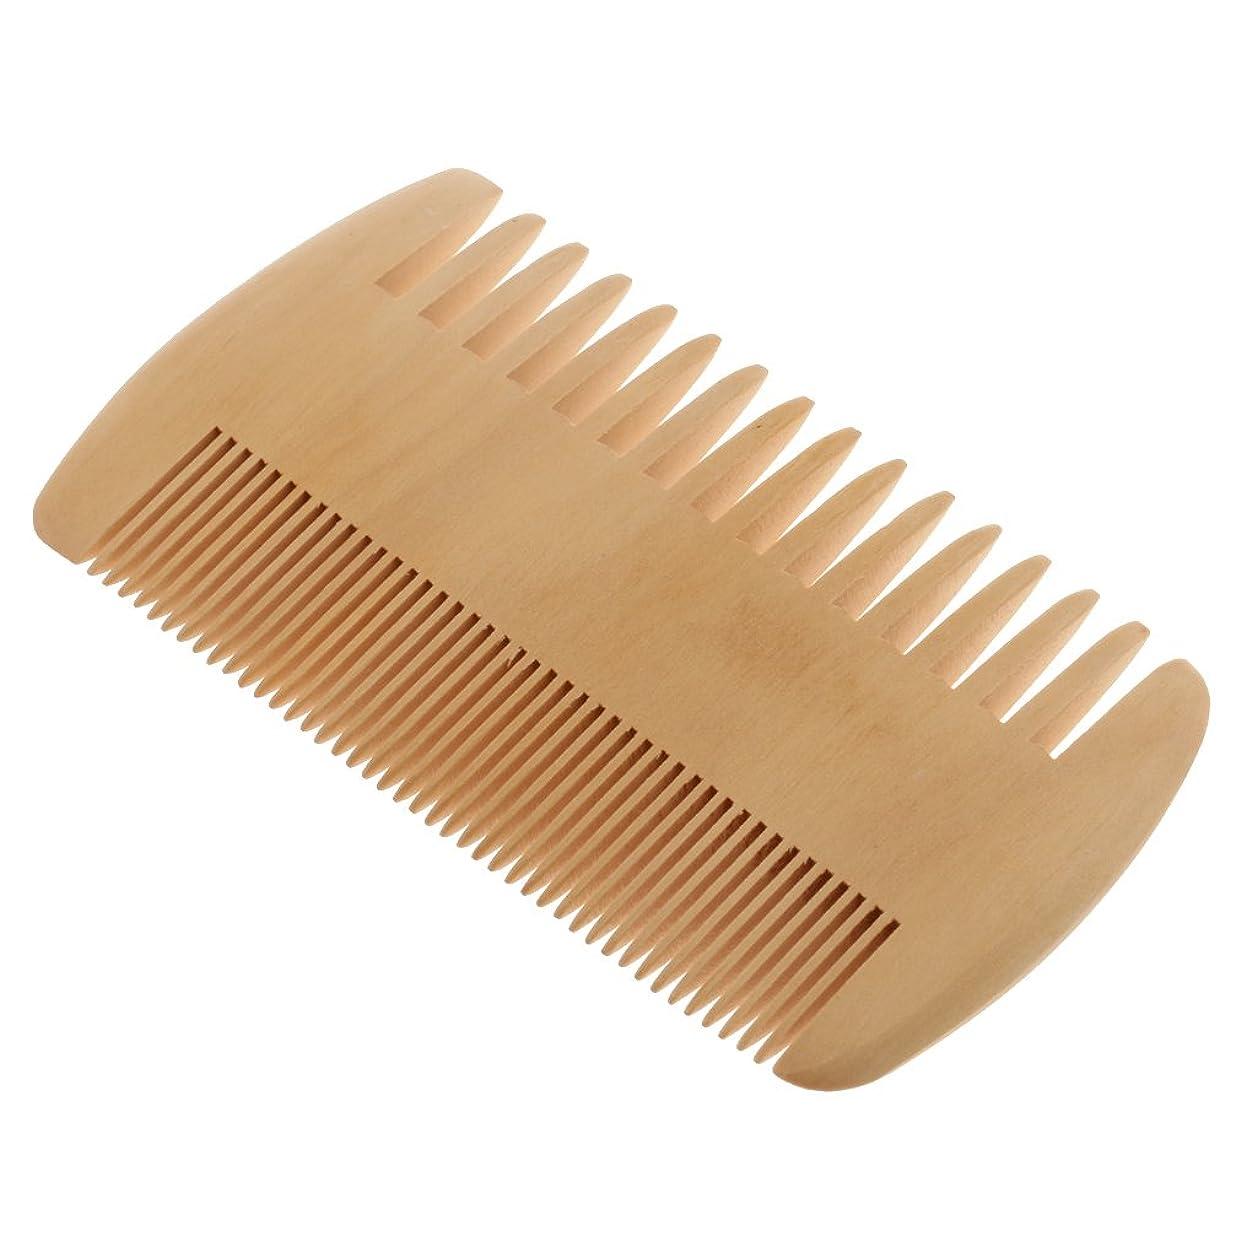 排泄物ステレオ文言Toygogo ヘアコーム 木製コーム 木製櫛 ポケットコーム マッサージの櫛 帯電防止 2倍 密度の歯